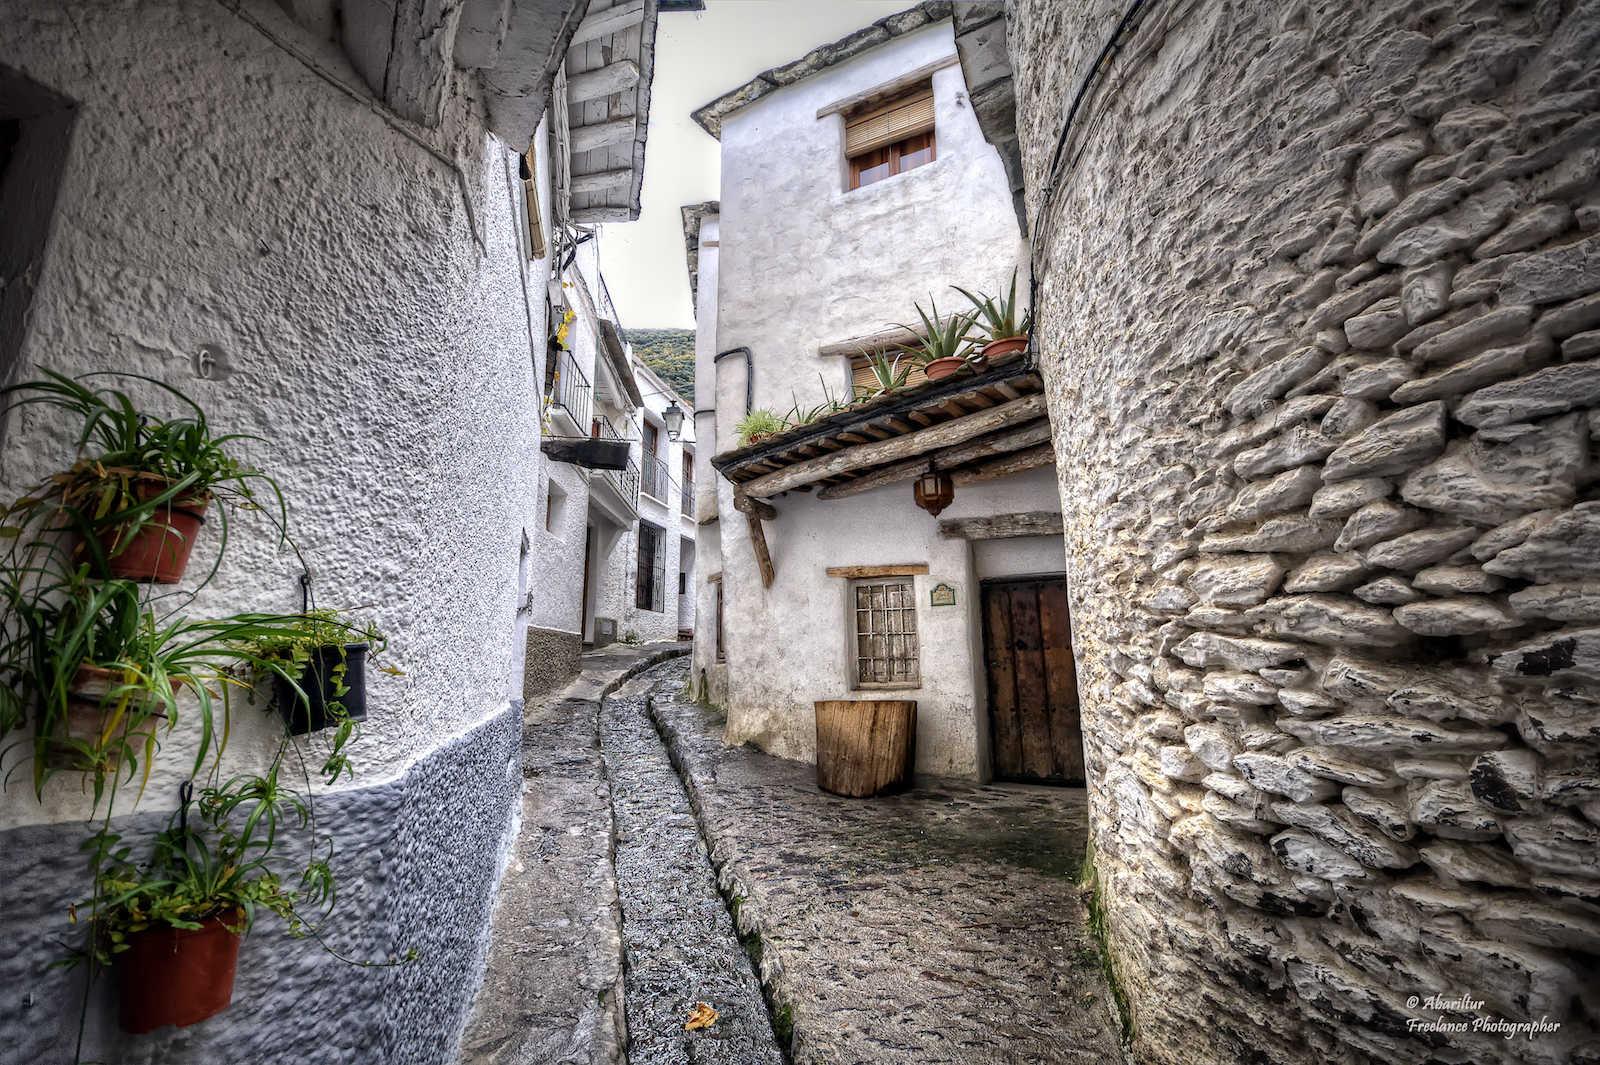 Visita a la Alpujarra desde Granada.